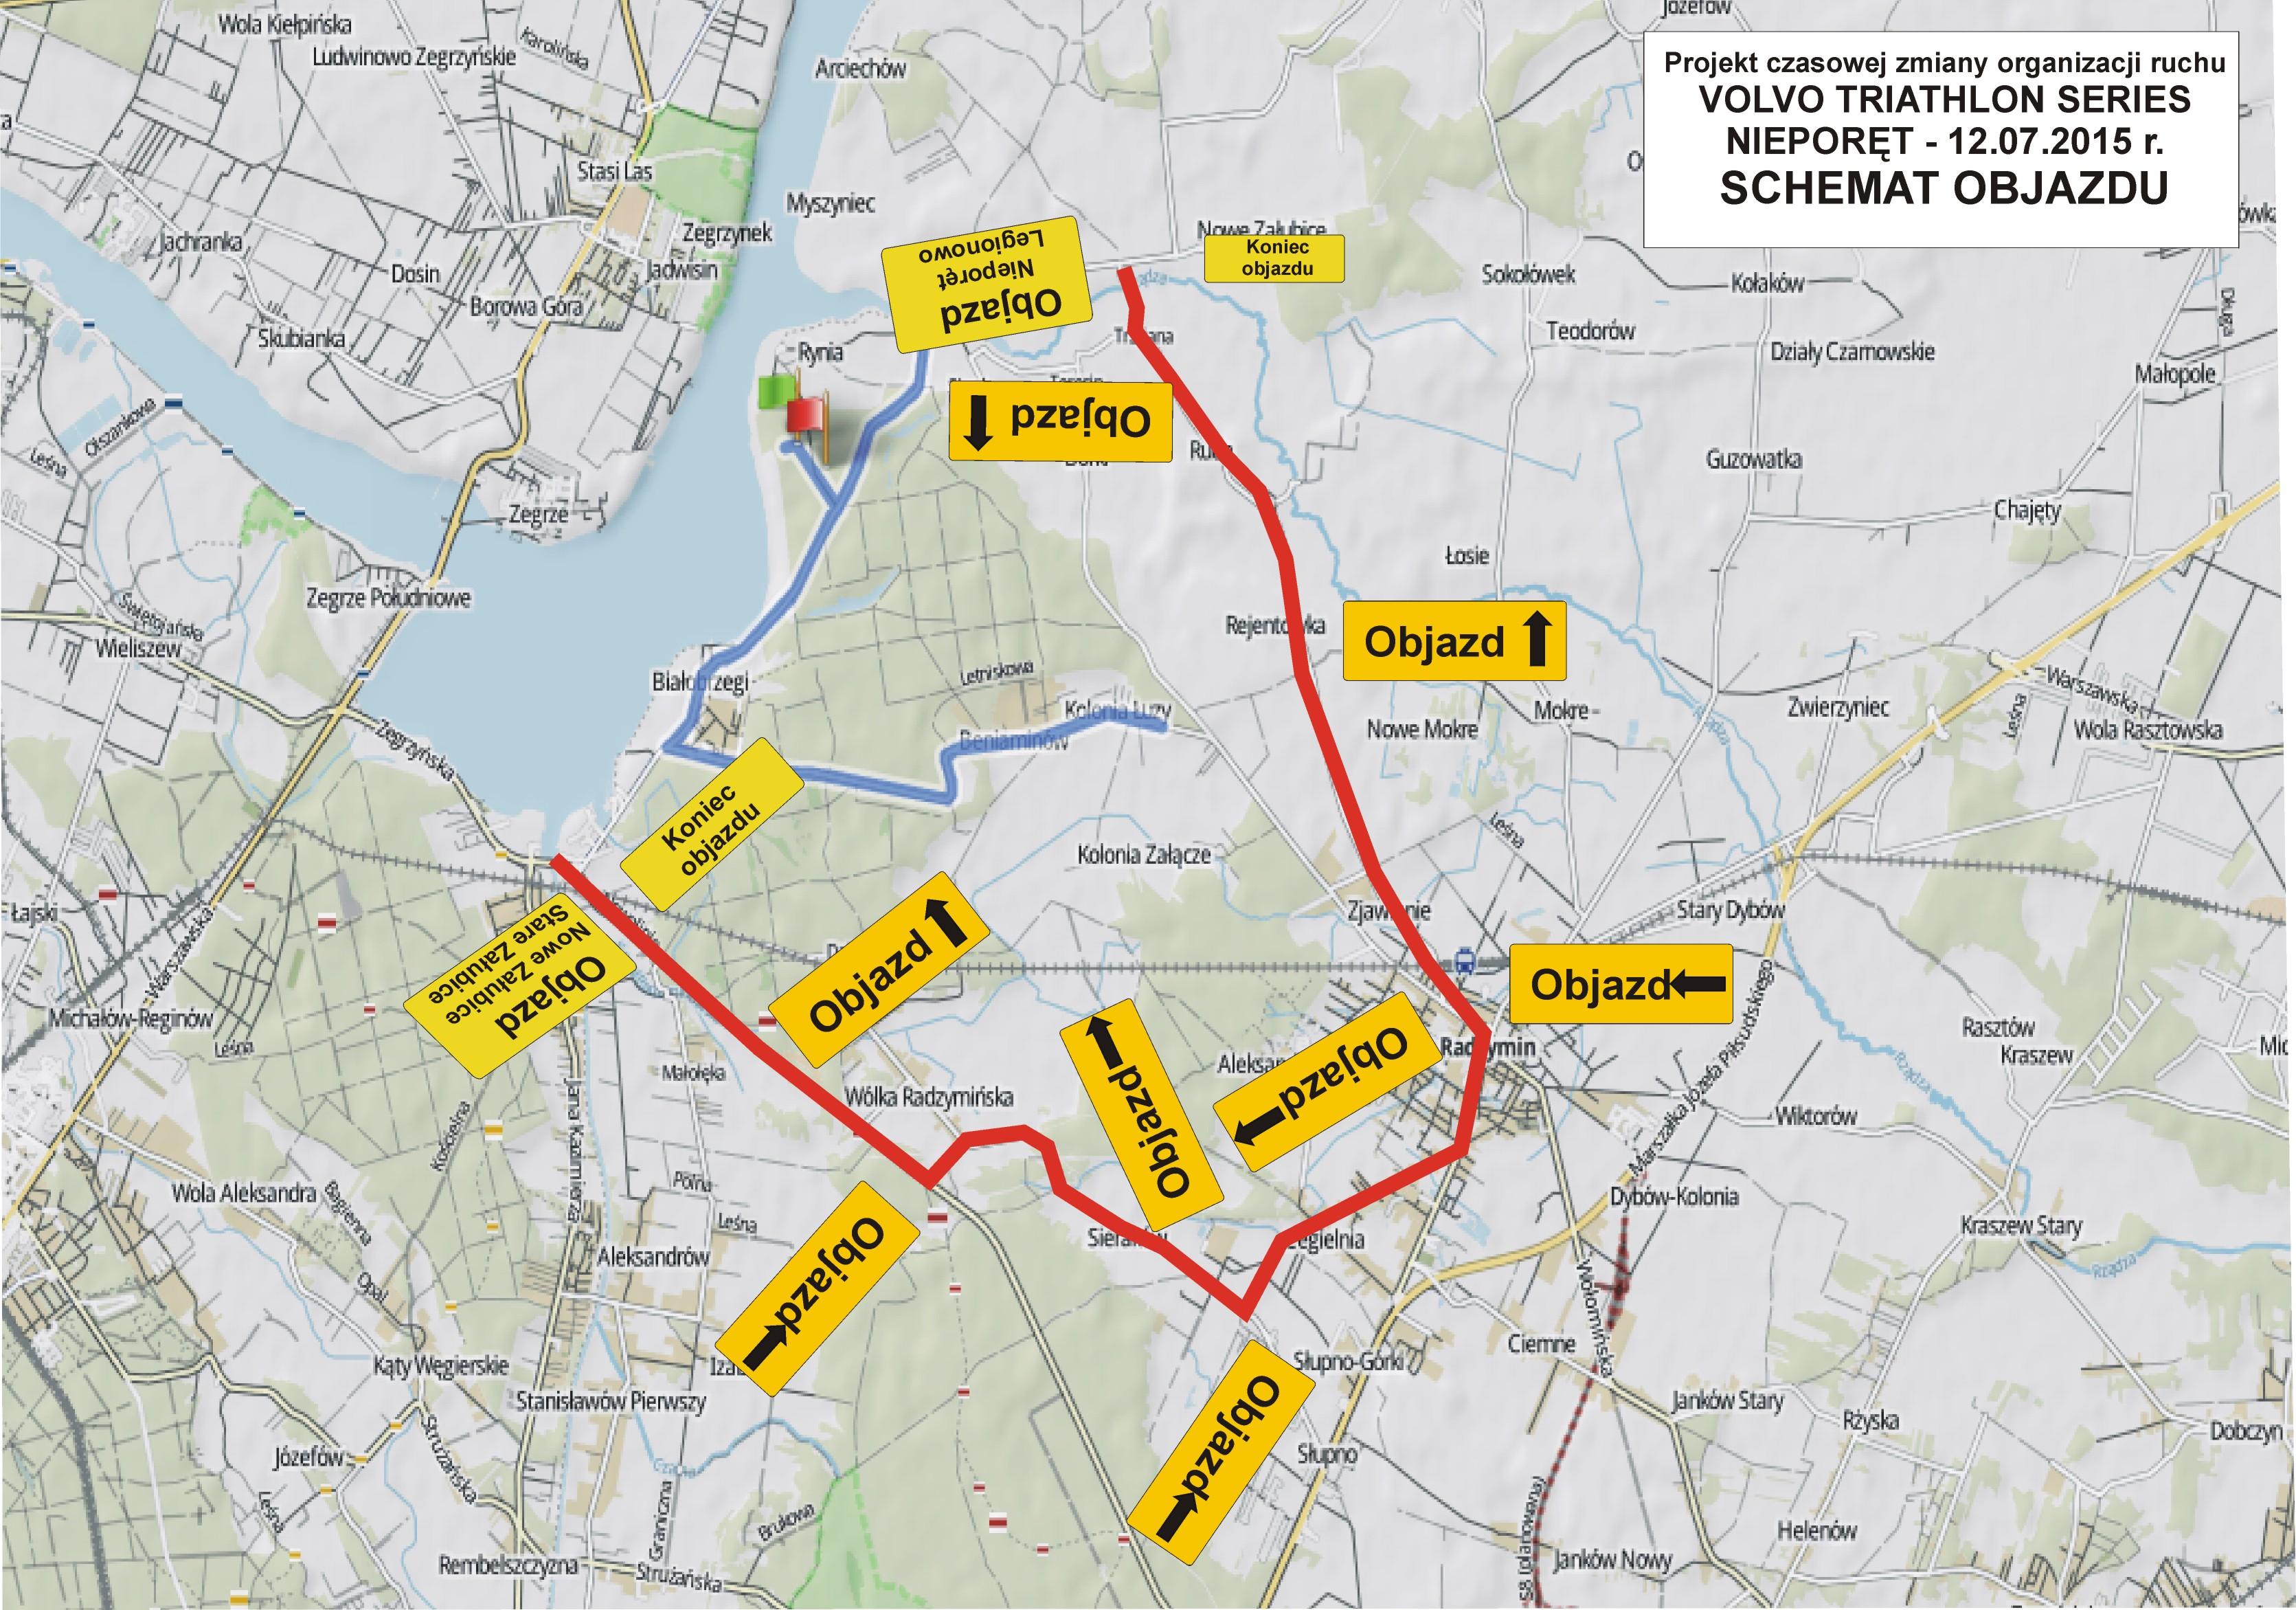 plan objazdu